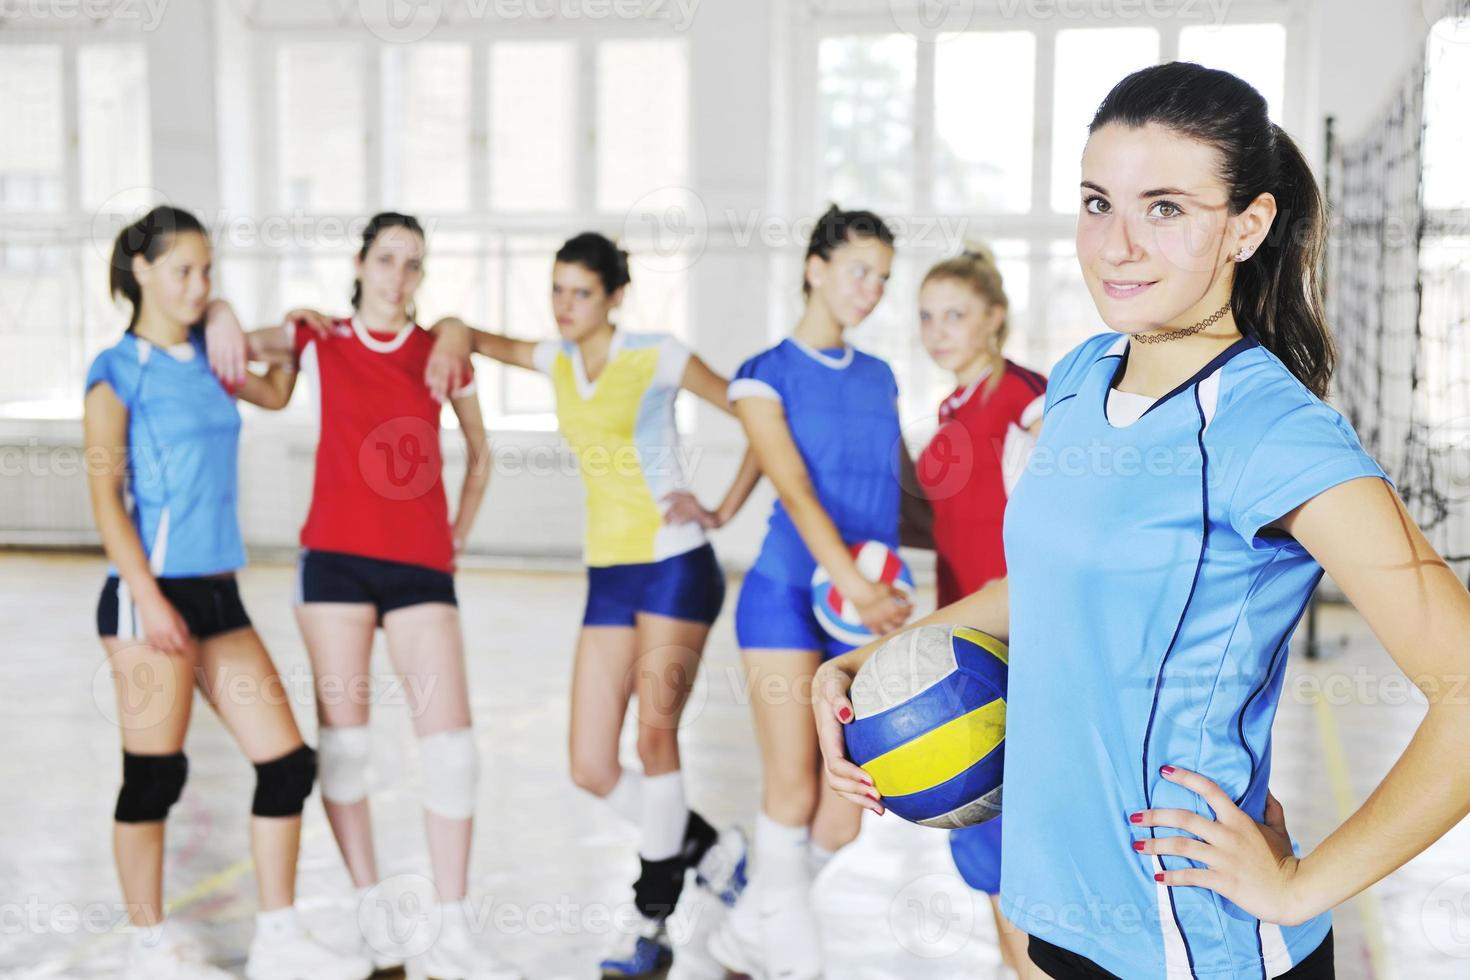 meninas jogando vôlei jogo indoor foto